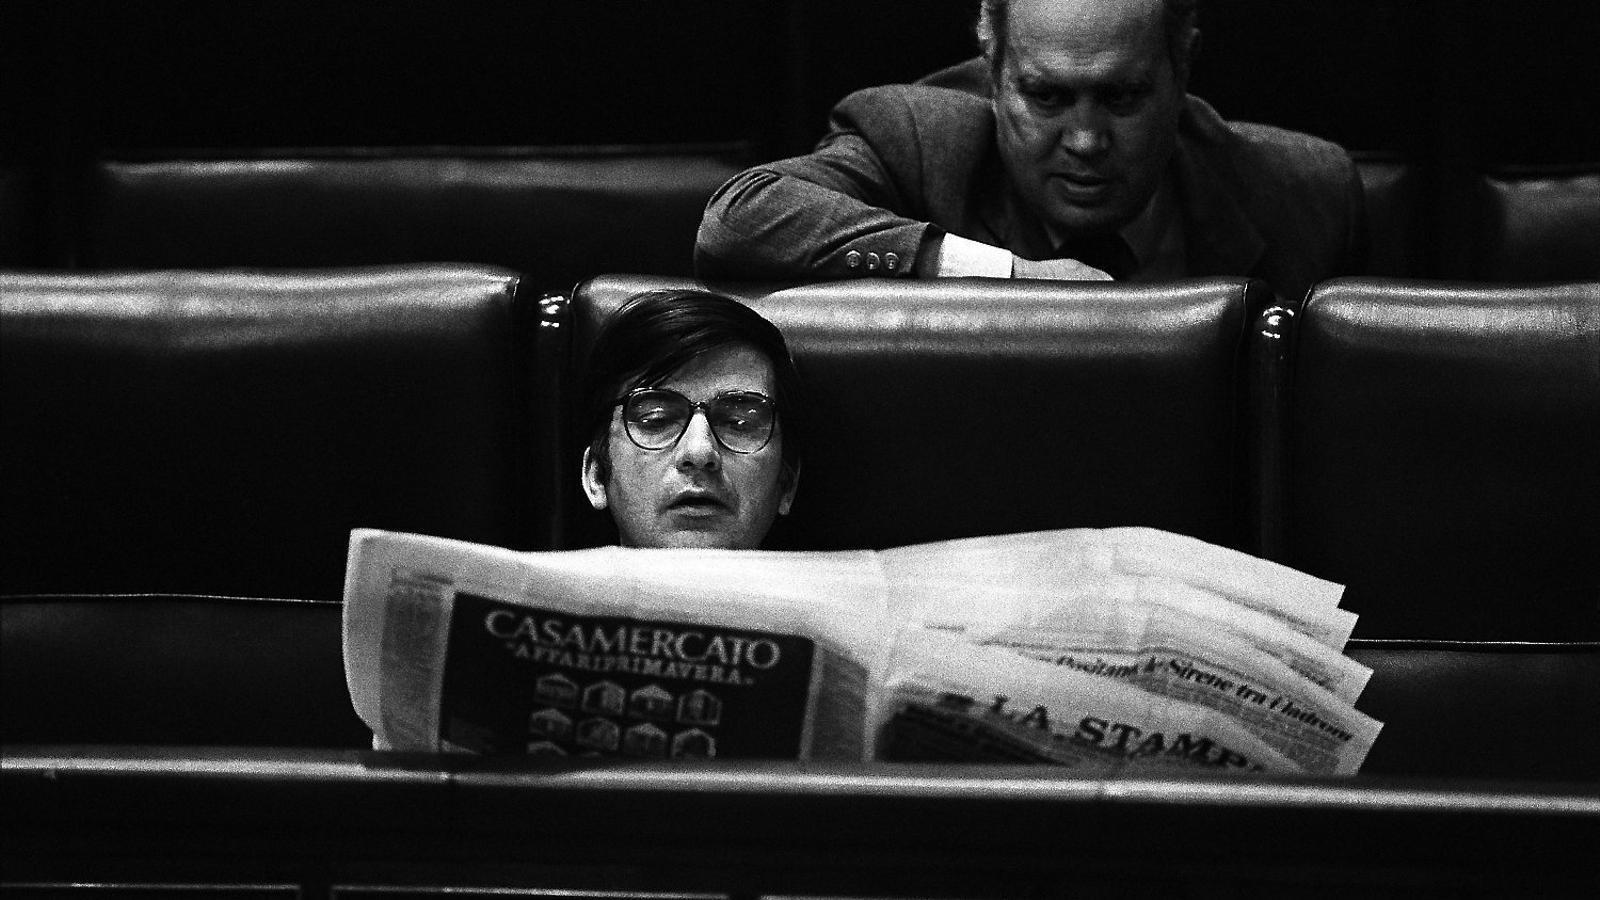 Lluch al Congrés llegint el torinès La Stampa.